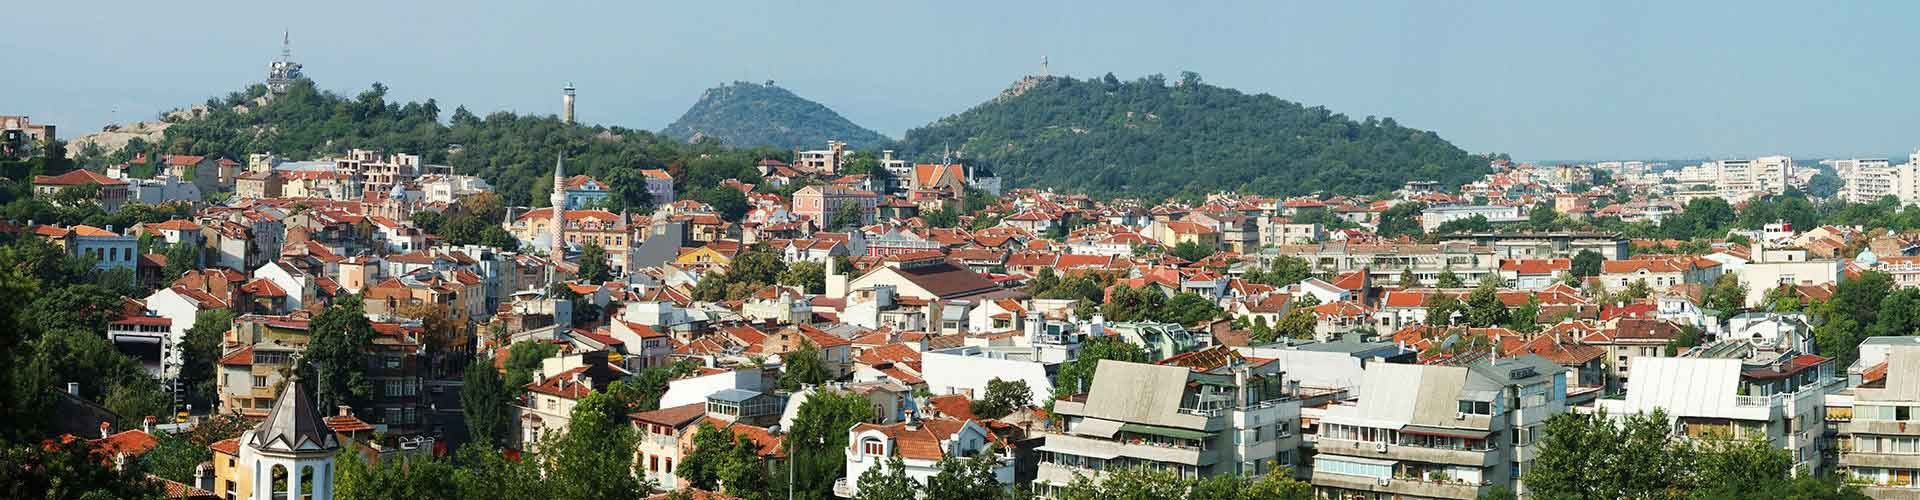 Plovdiv - Albergues Juveniles en Plovdiv. Mapas de Plovdiv, Fotos y Comentarios para cada Albergue Juvenil en Plovdiv.